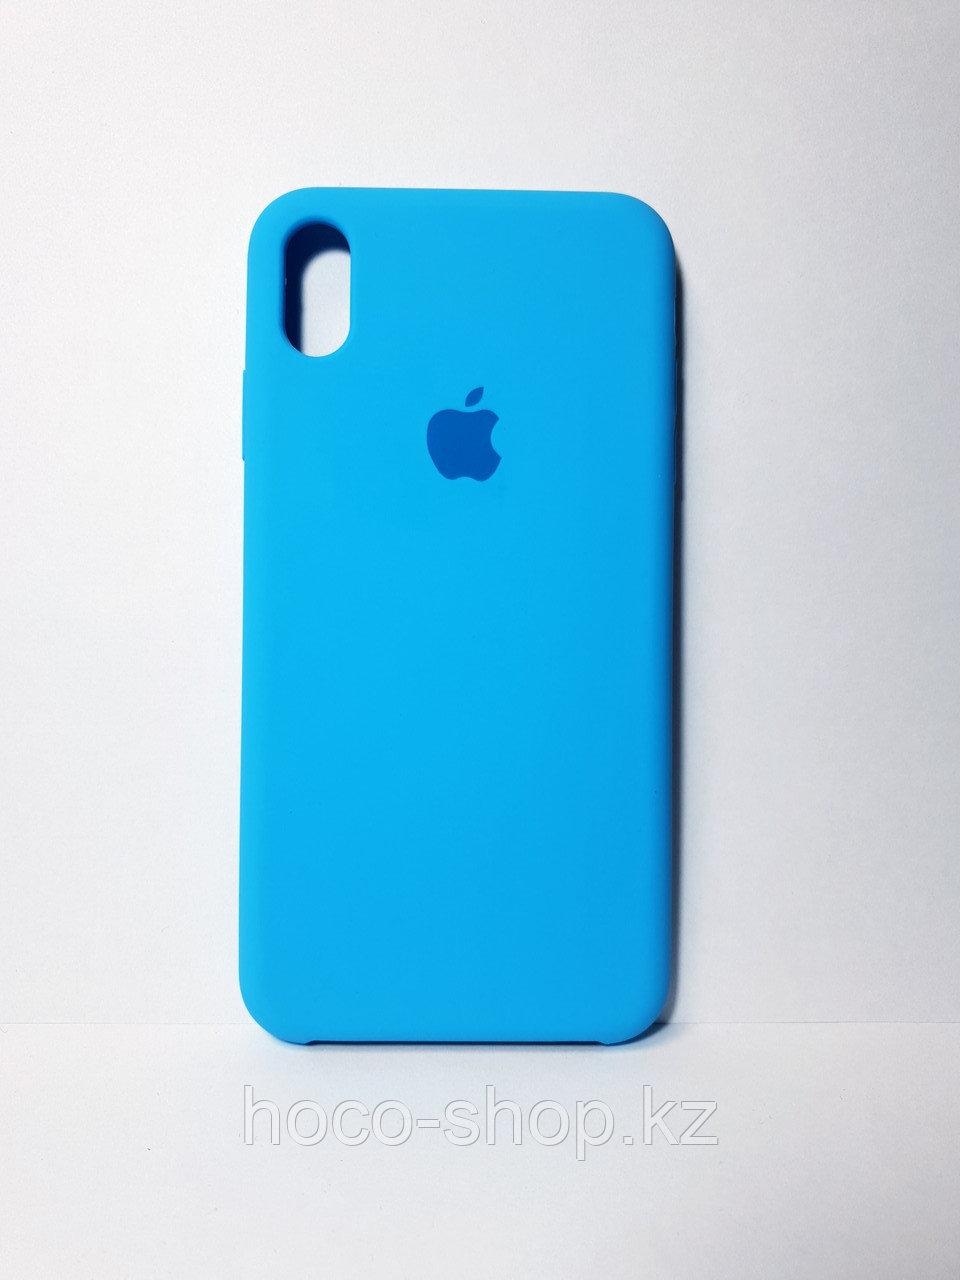 Защитный чехол для iPhone Xs Max Soft Touch силиконовый, голубой